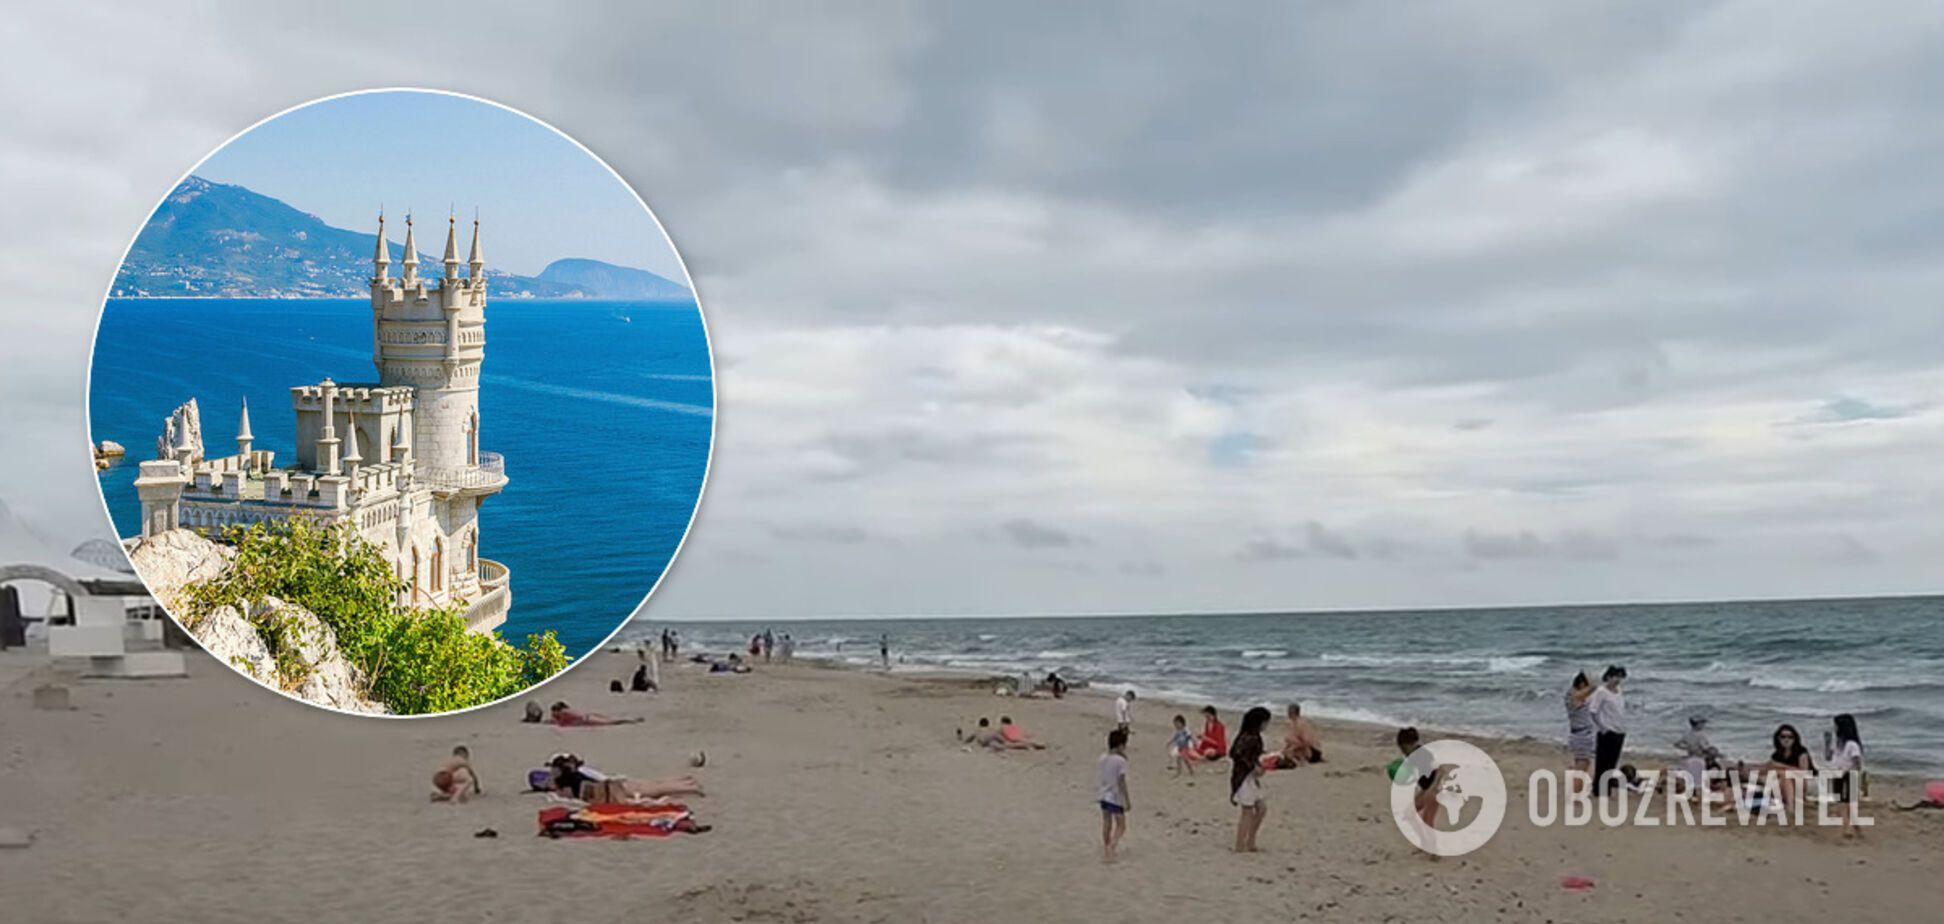 Як виглядає Крим у розпал літа. З'явилося нове відео порожніх пляжів